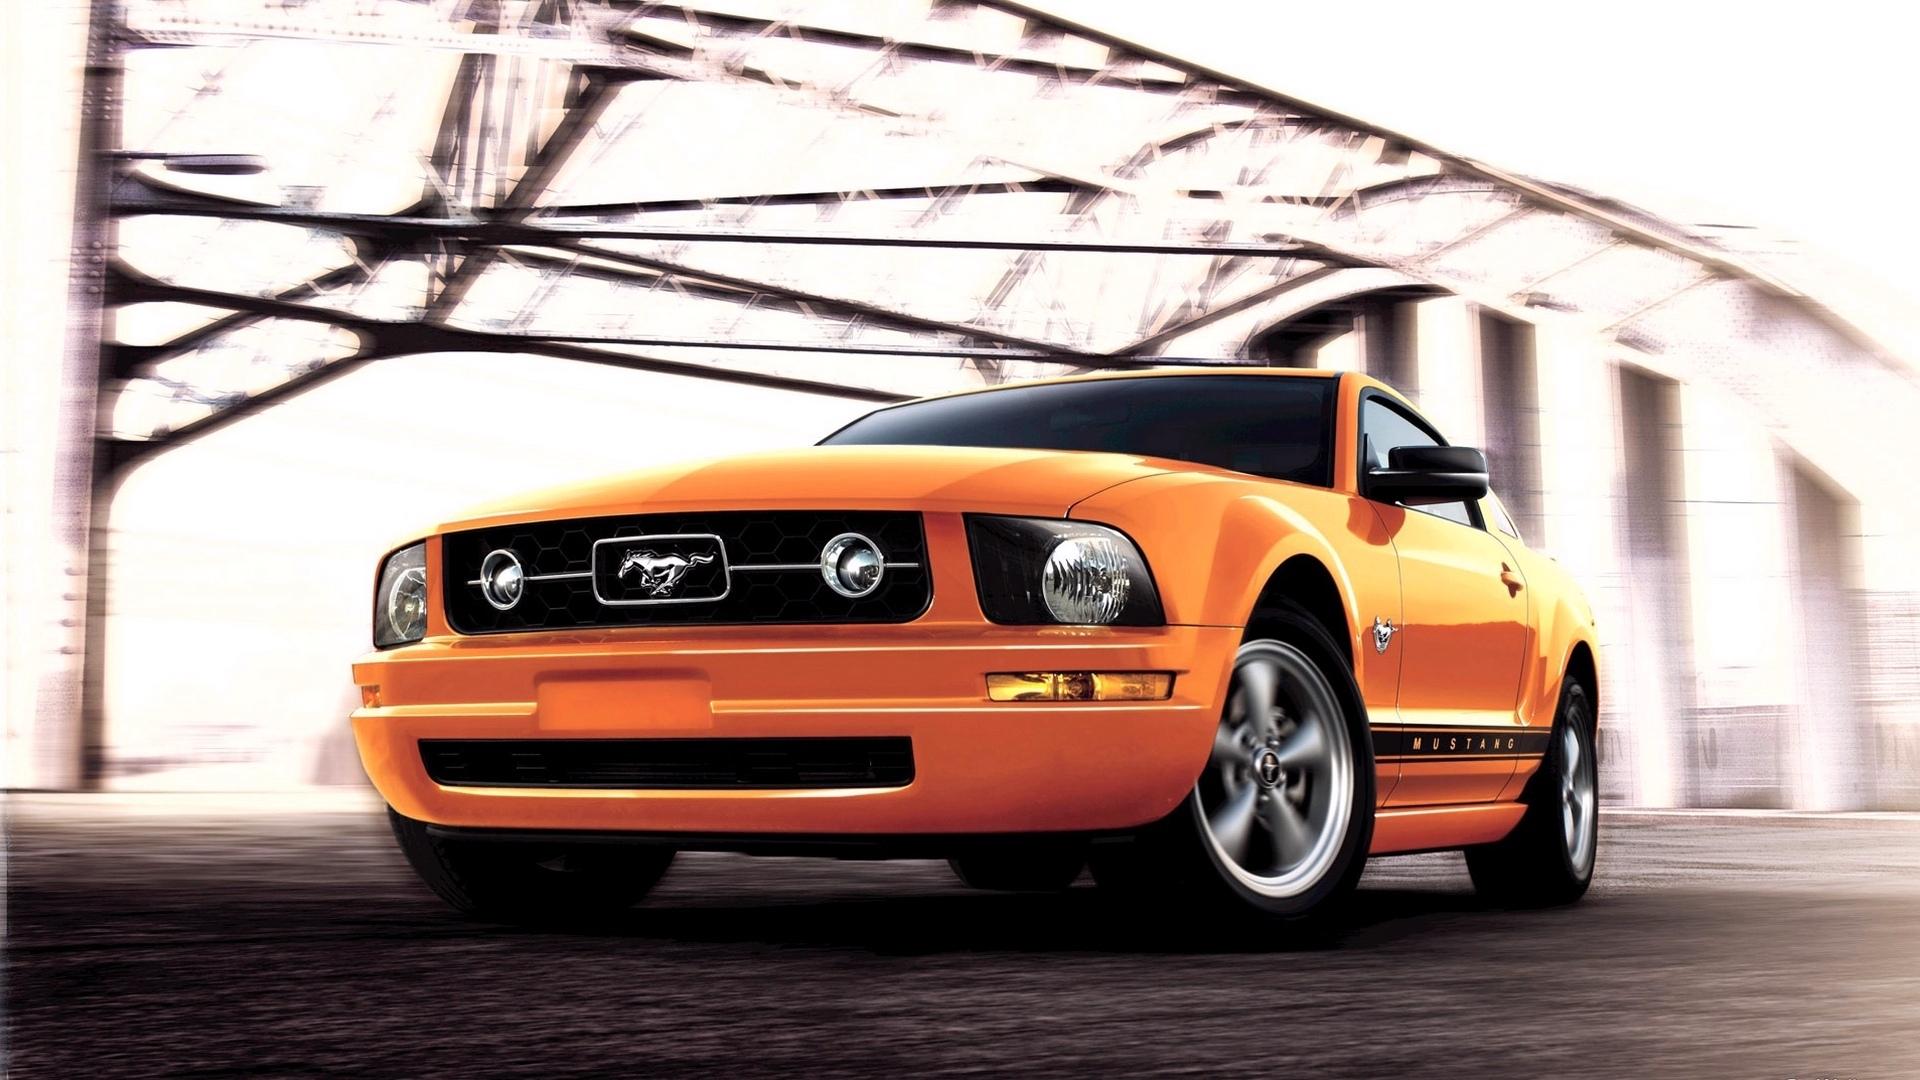 47895 скачать обои Транспорт, Машины, Форд (Ford), Мустанг (Mustang) - заставки и картинки бесплатно